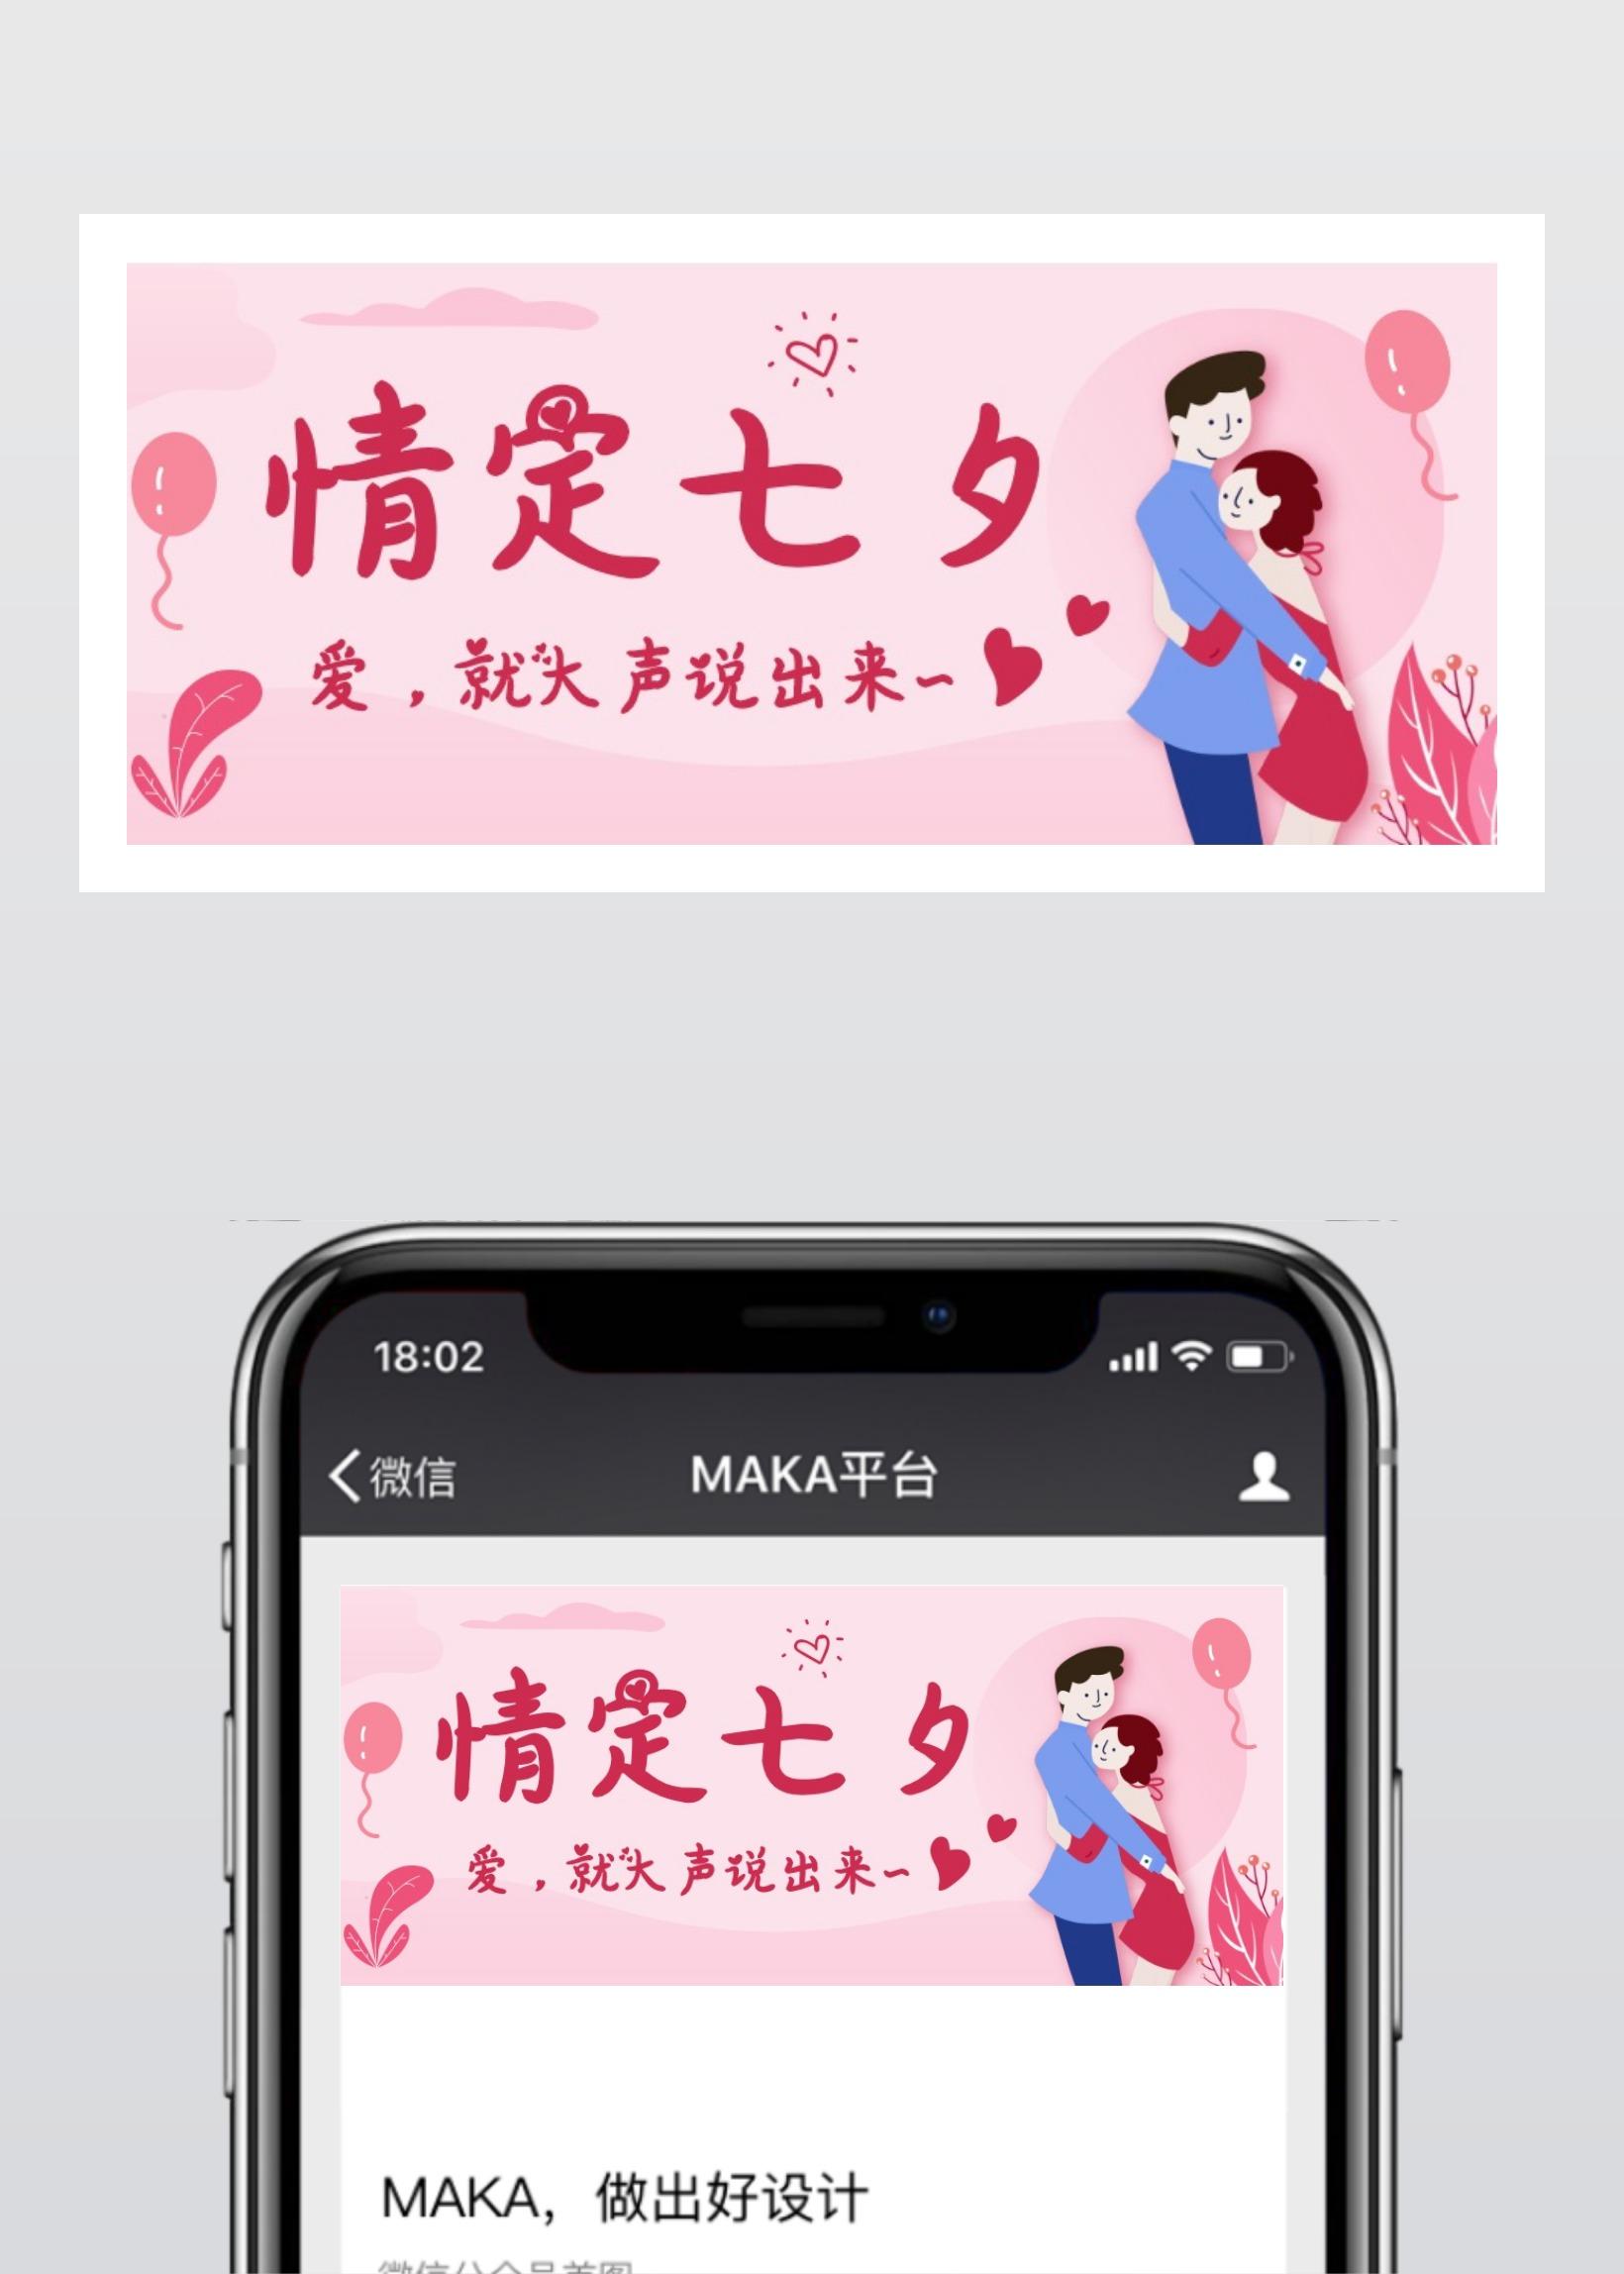 粉红卡通清新插画设计风格中国情人节七夕表白、祝福微信公众号大图